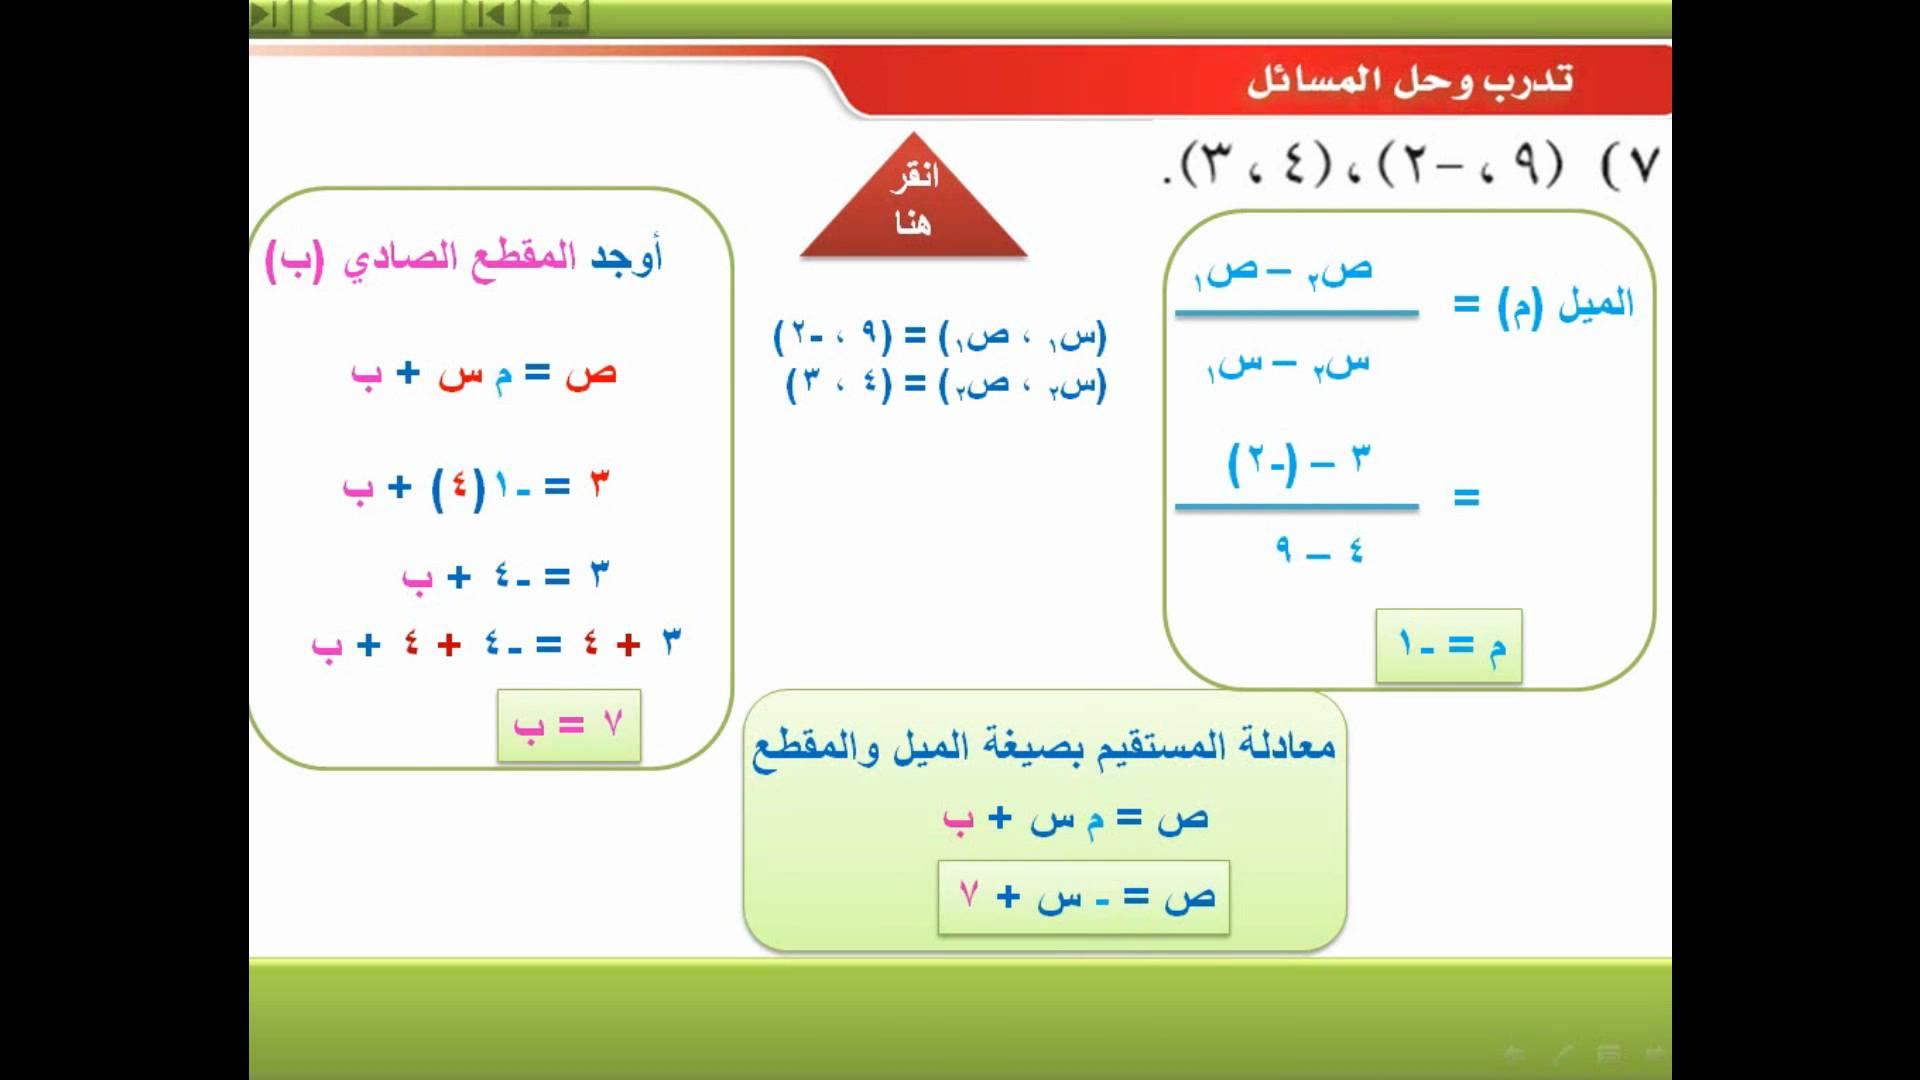 رياضيات ثالث ثانوي كتاب التمارين